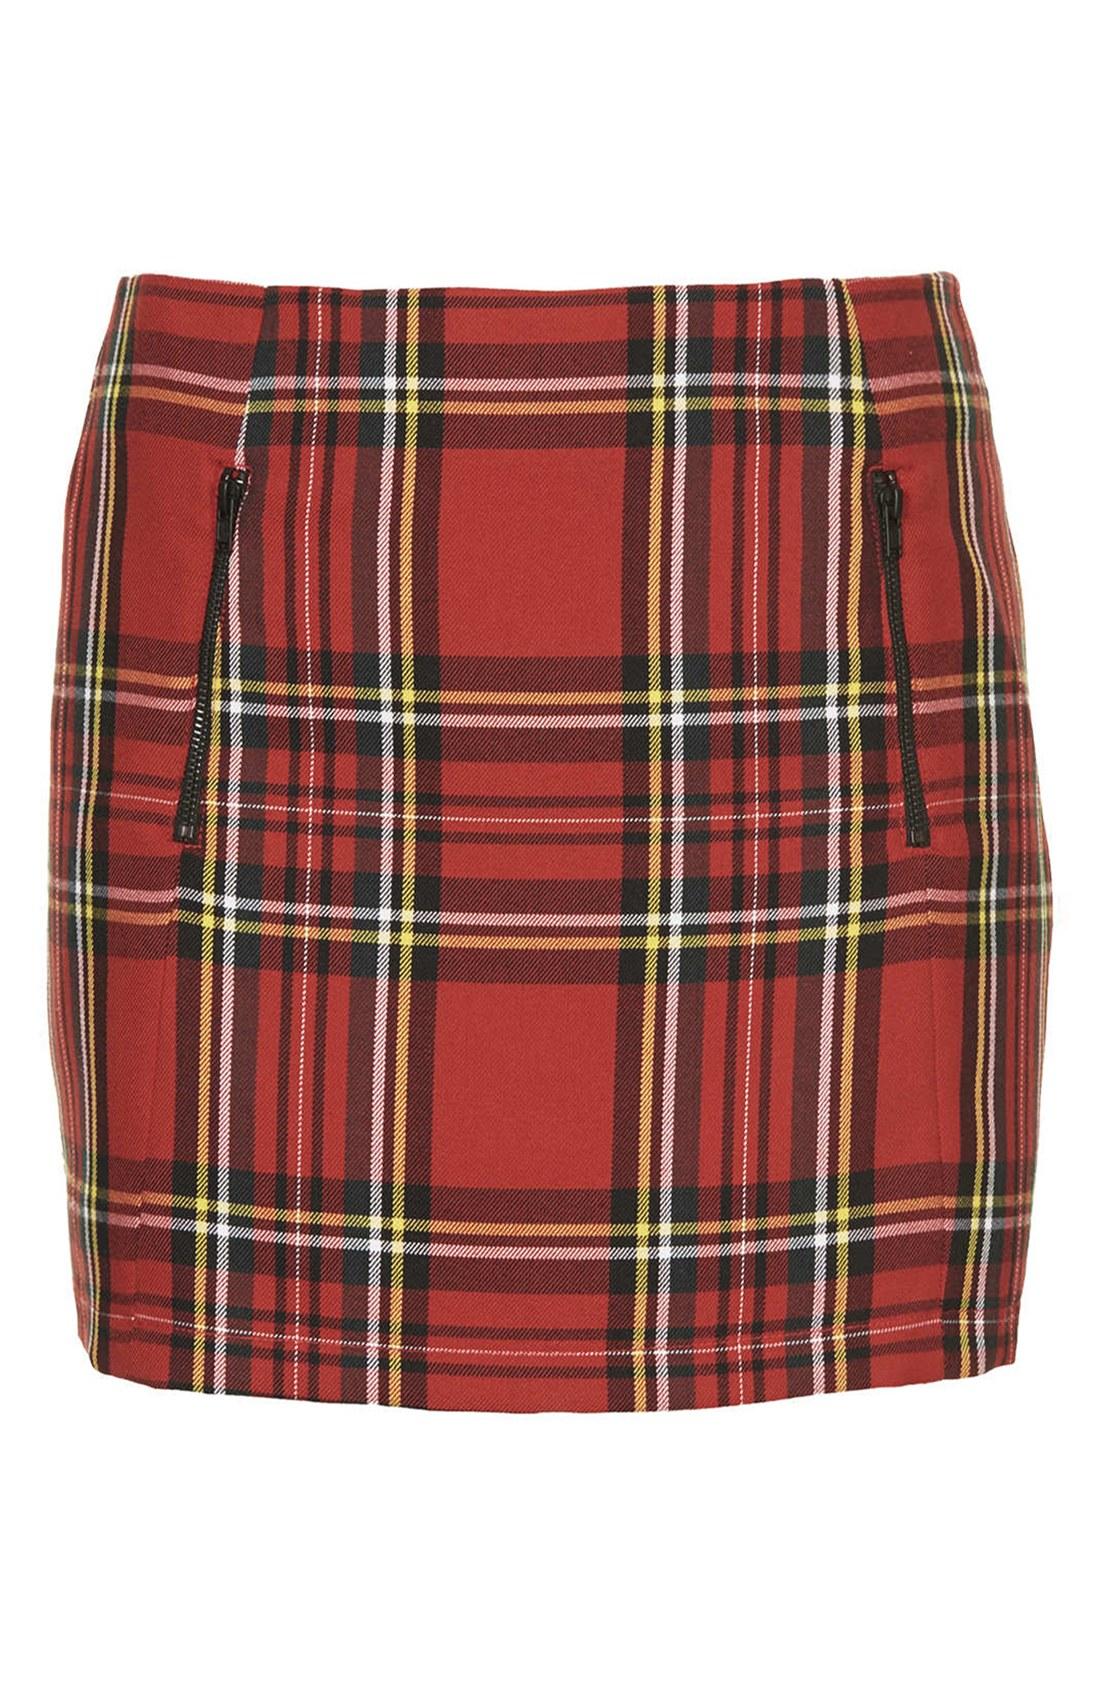 Plaid Red Skirt 38